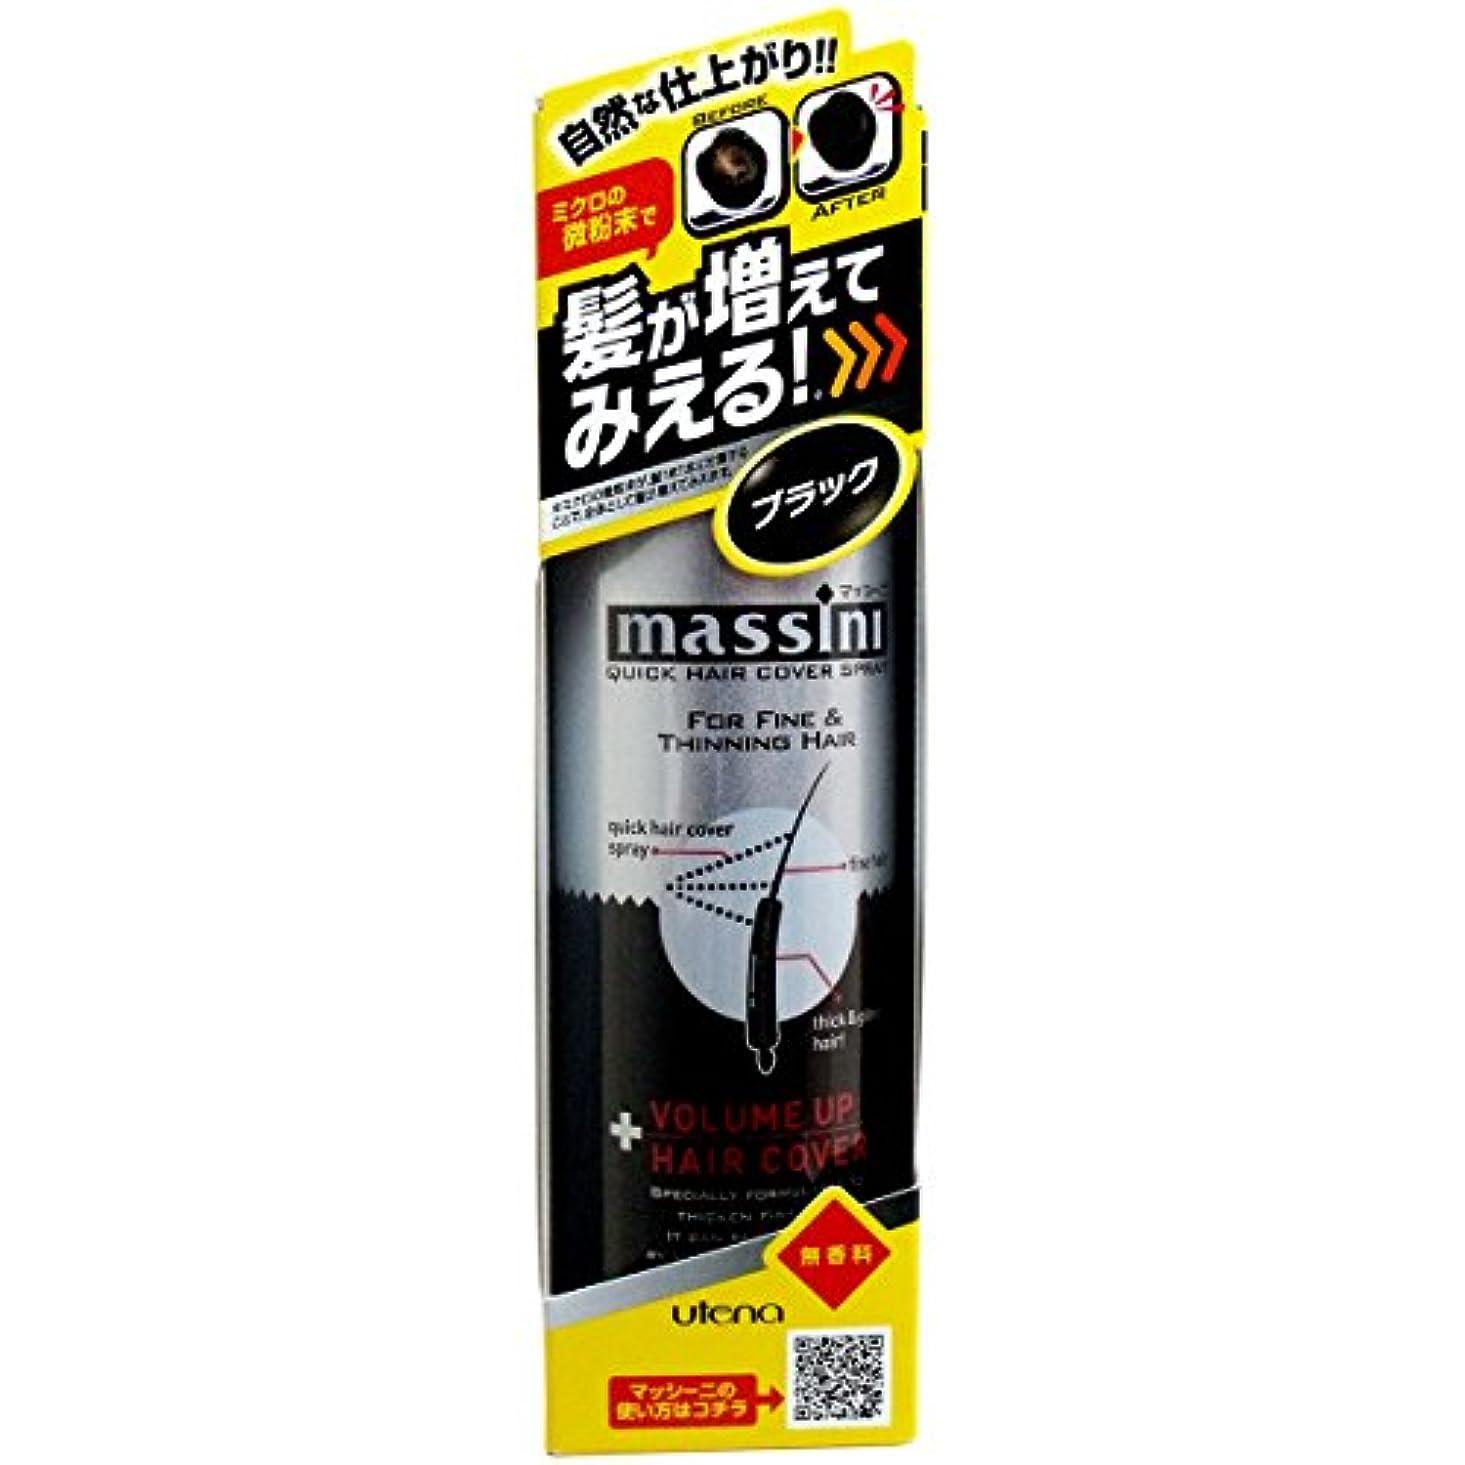 神経虫責任【ウテナ】マッシーニ クィックヘアカバースプレー(ブラック) 140g ×3個セット